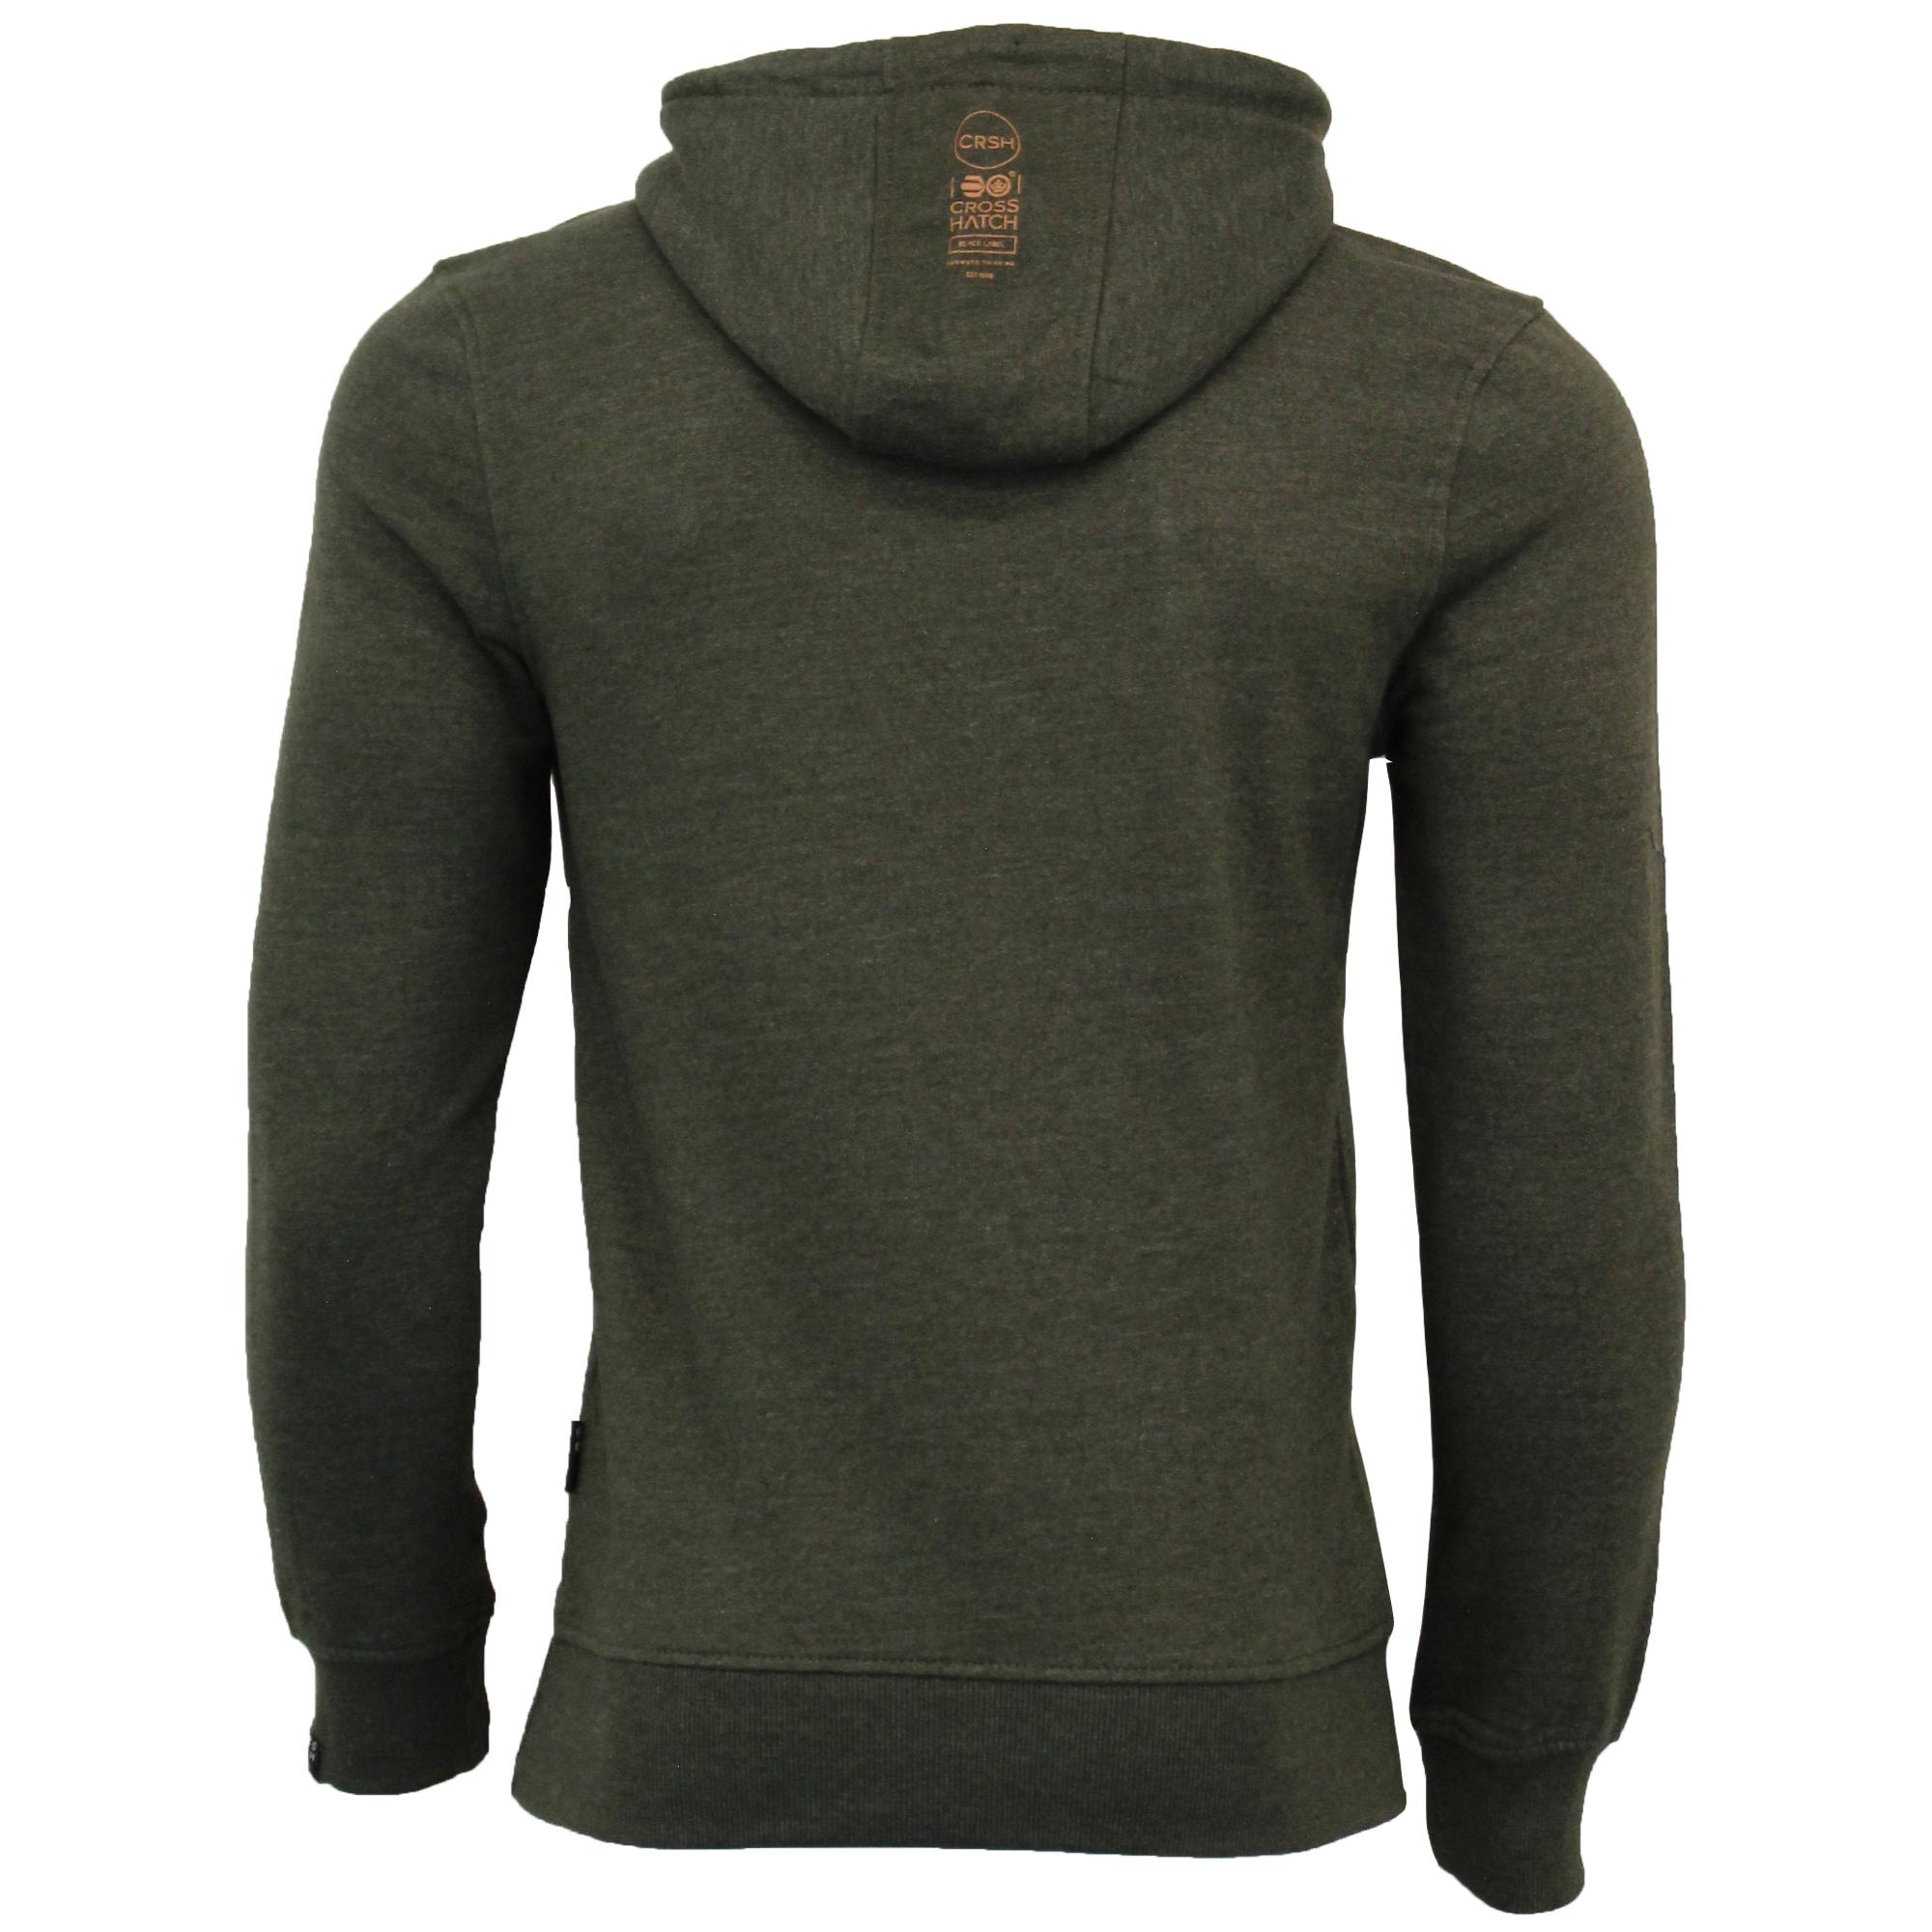 Mens-Sweatshirt-Crosshatch-Over-The-Head-Hoodie-Printed-Zip-Pullover-Top-Fleece thumbnail 8